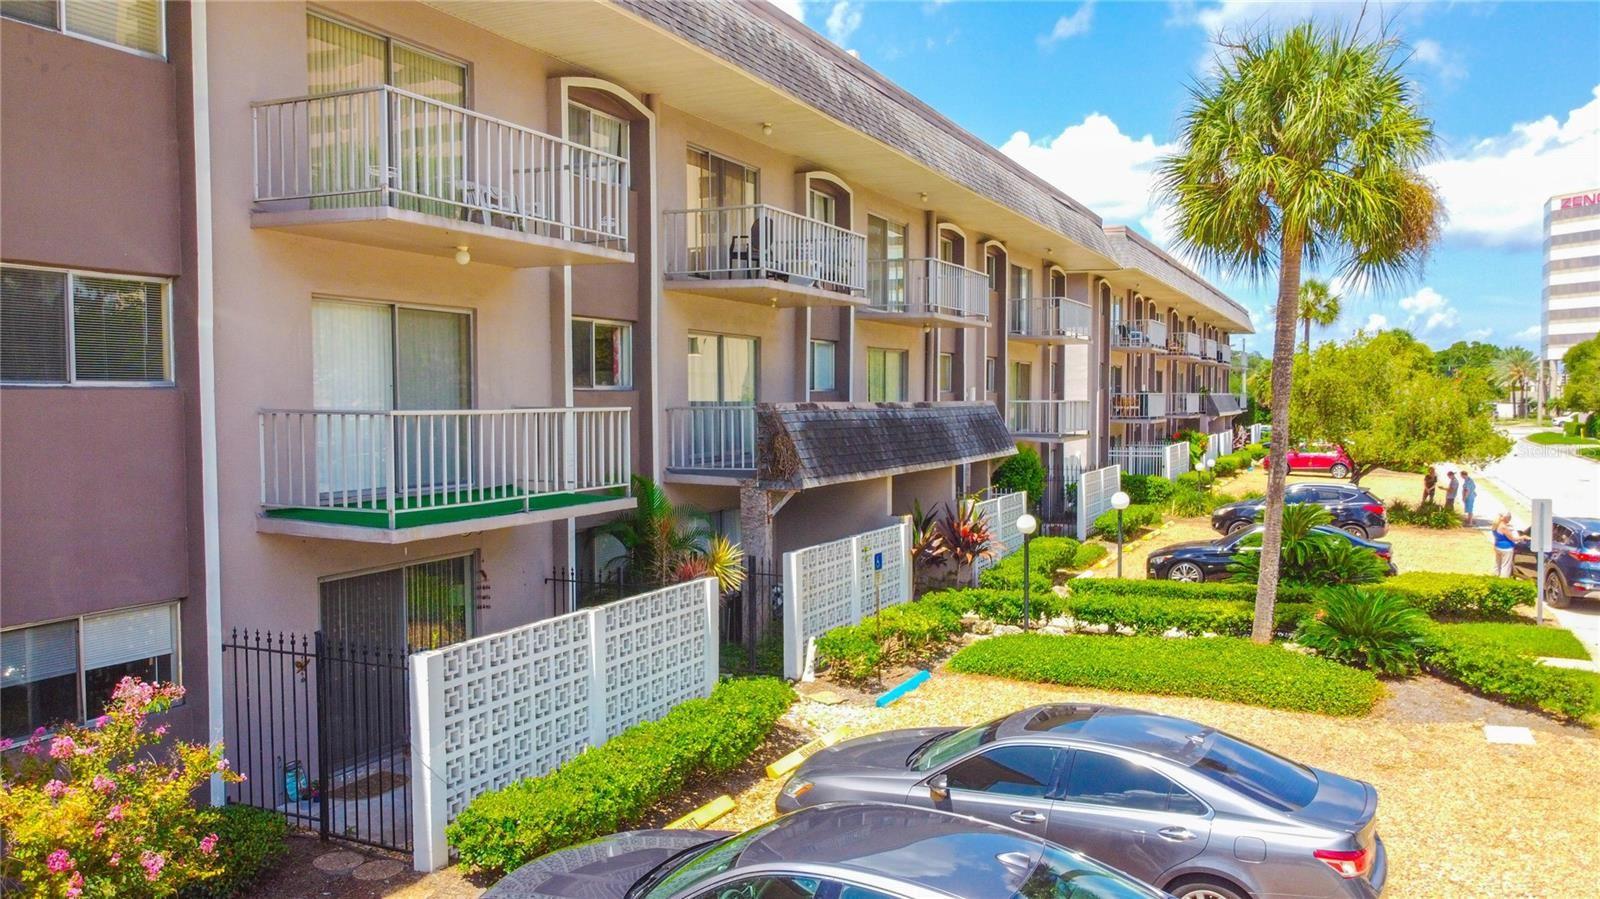 4606 W GRAY STREET #208, Tampa, FL 33609 - #: T3318370